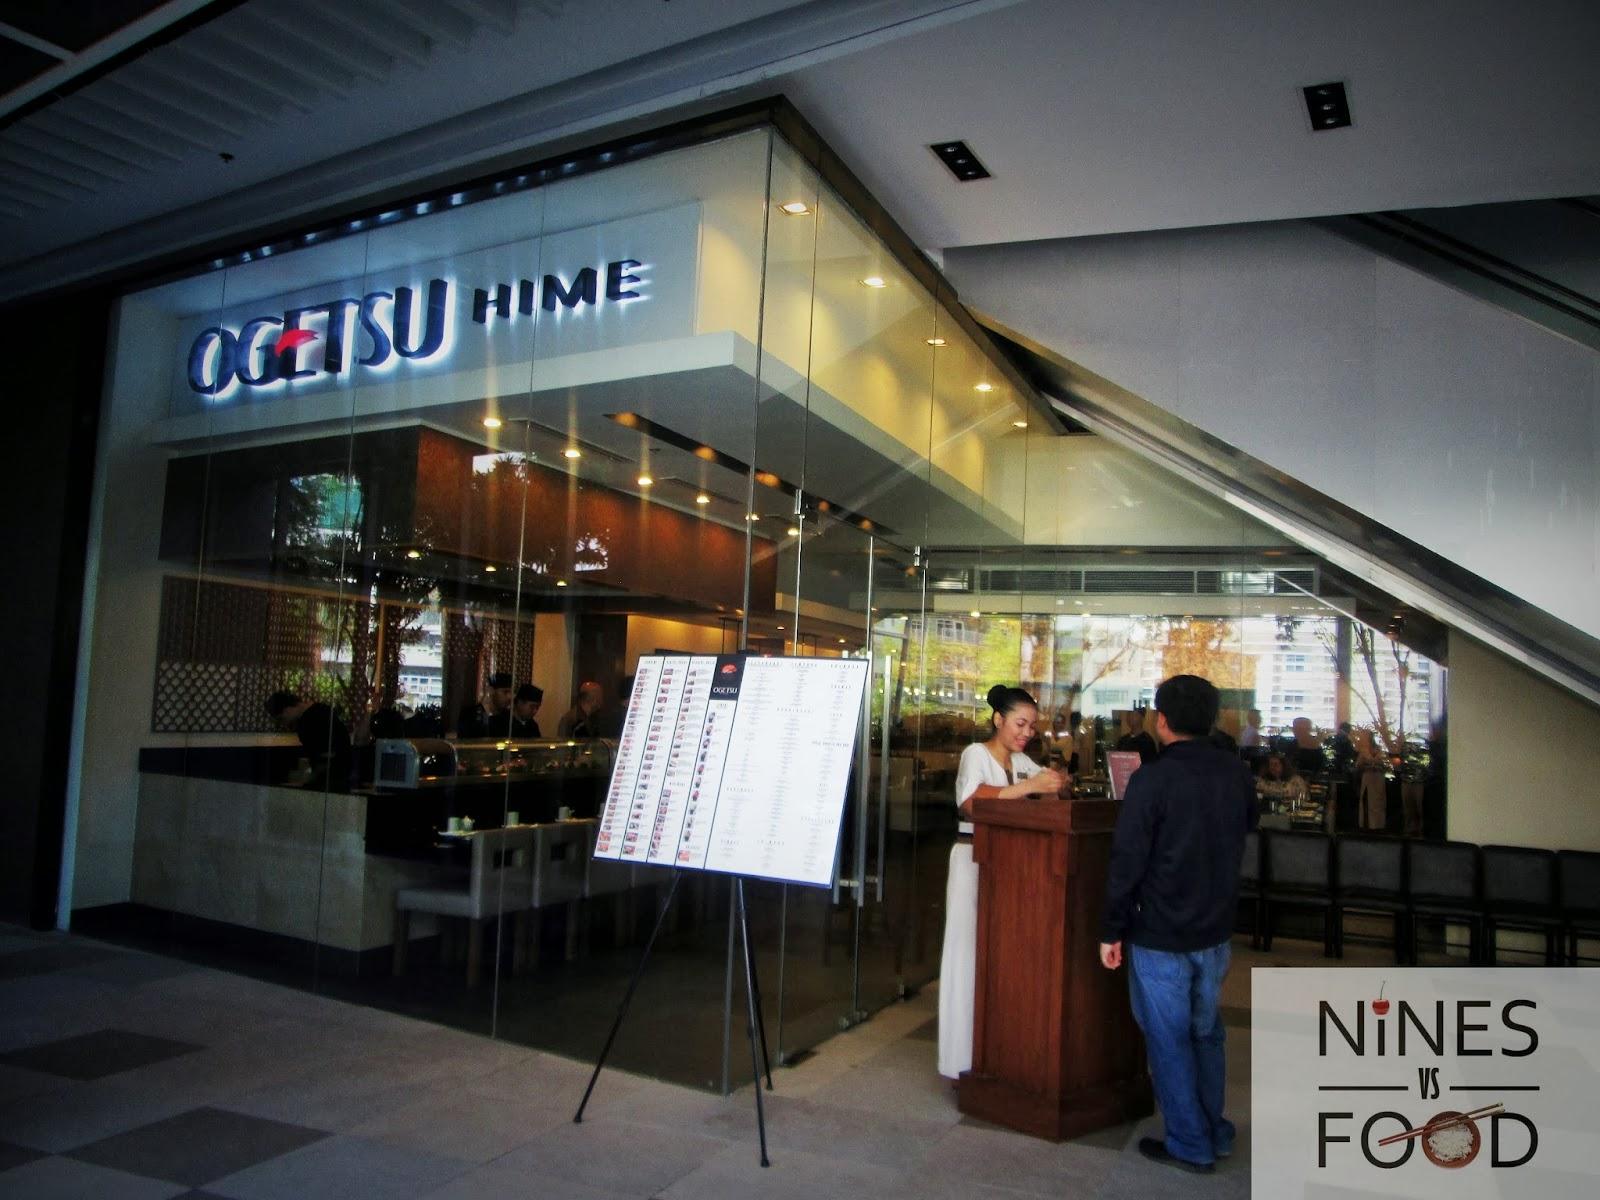 Nines vs. Food - Ogetsu Hime SM Aura Taguig-32.jpg